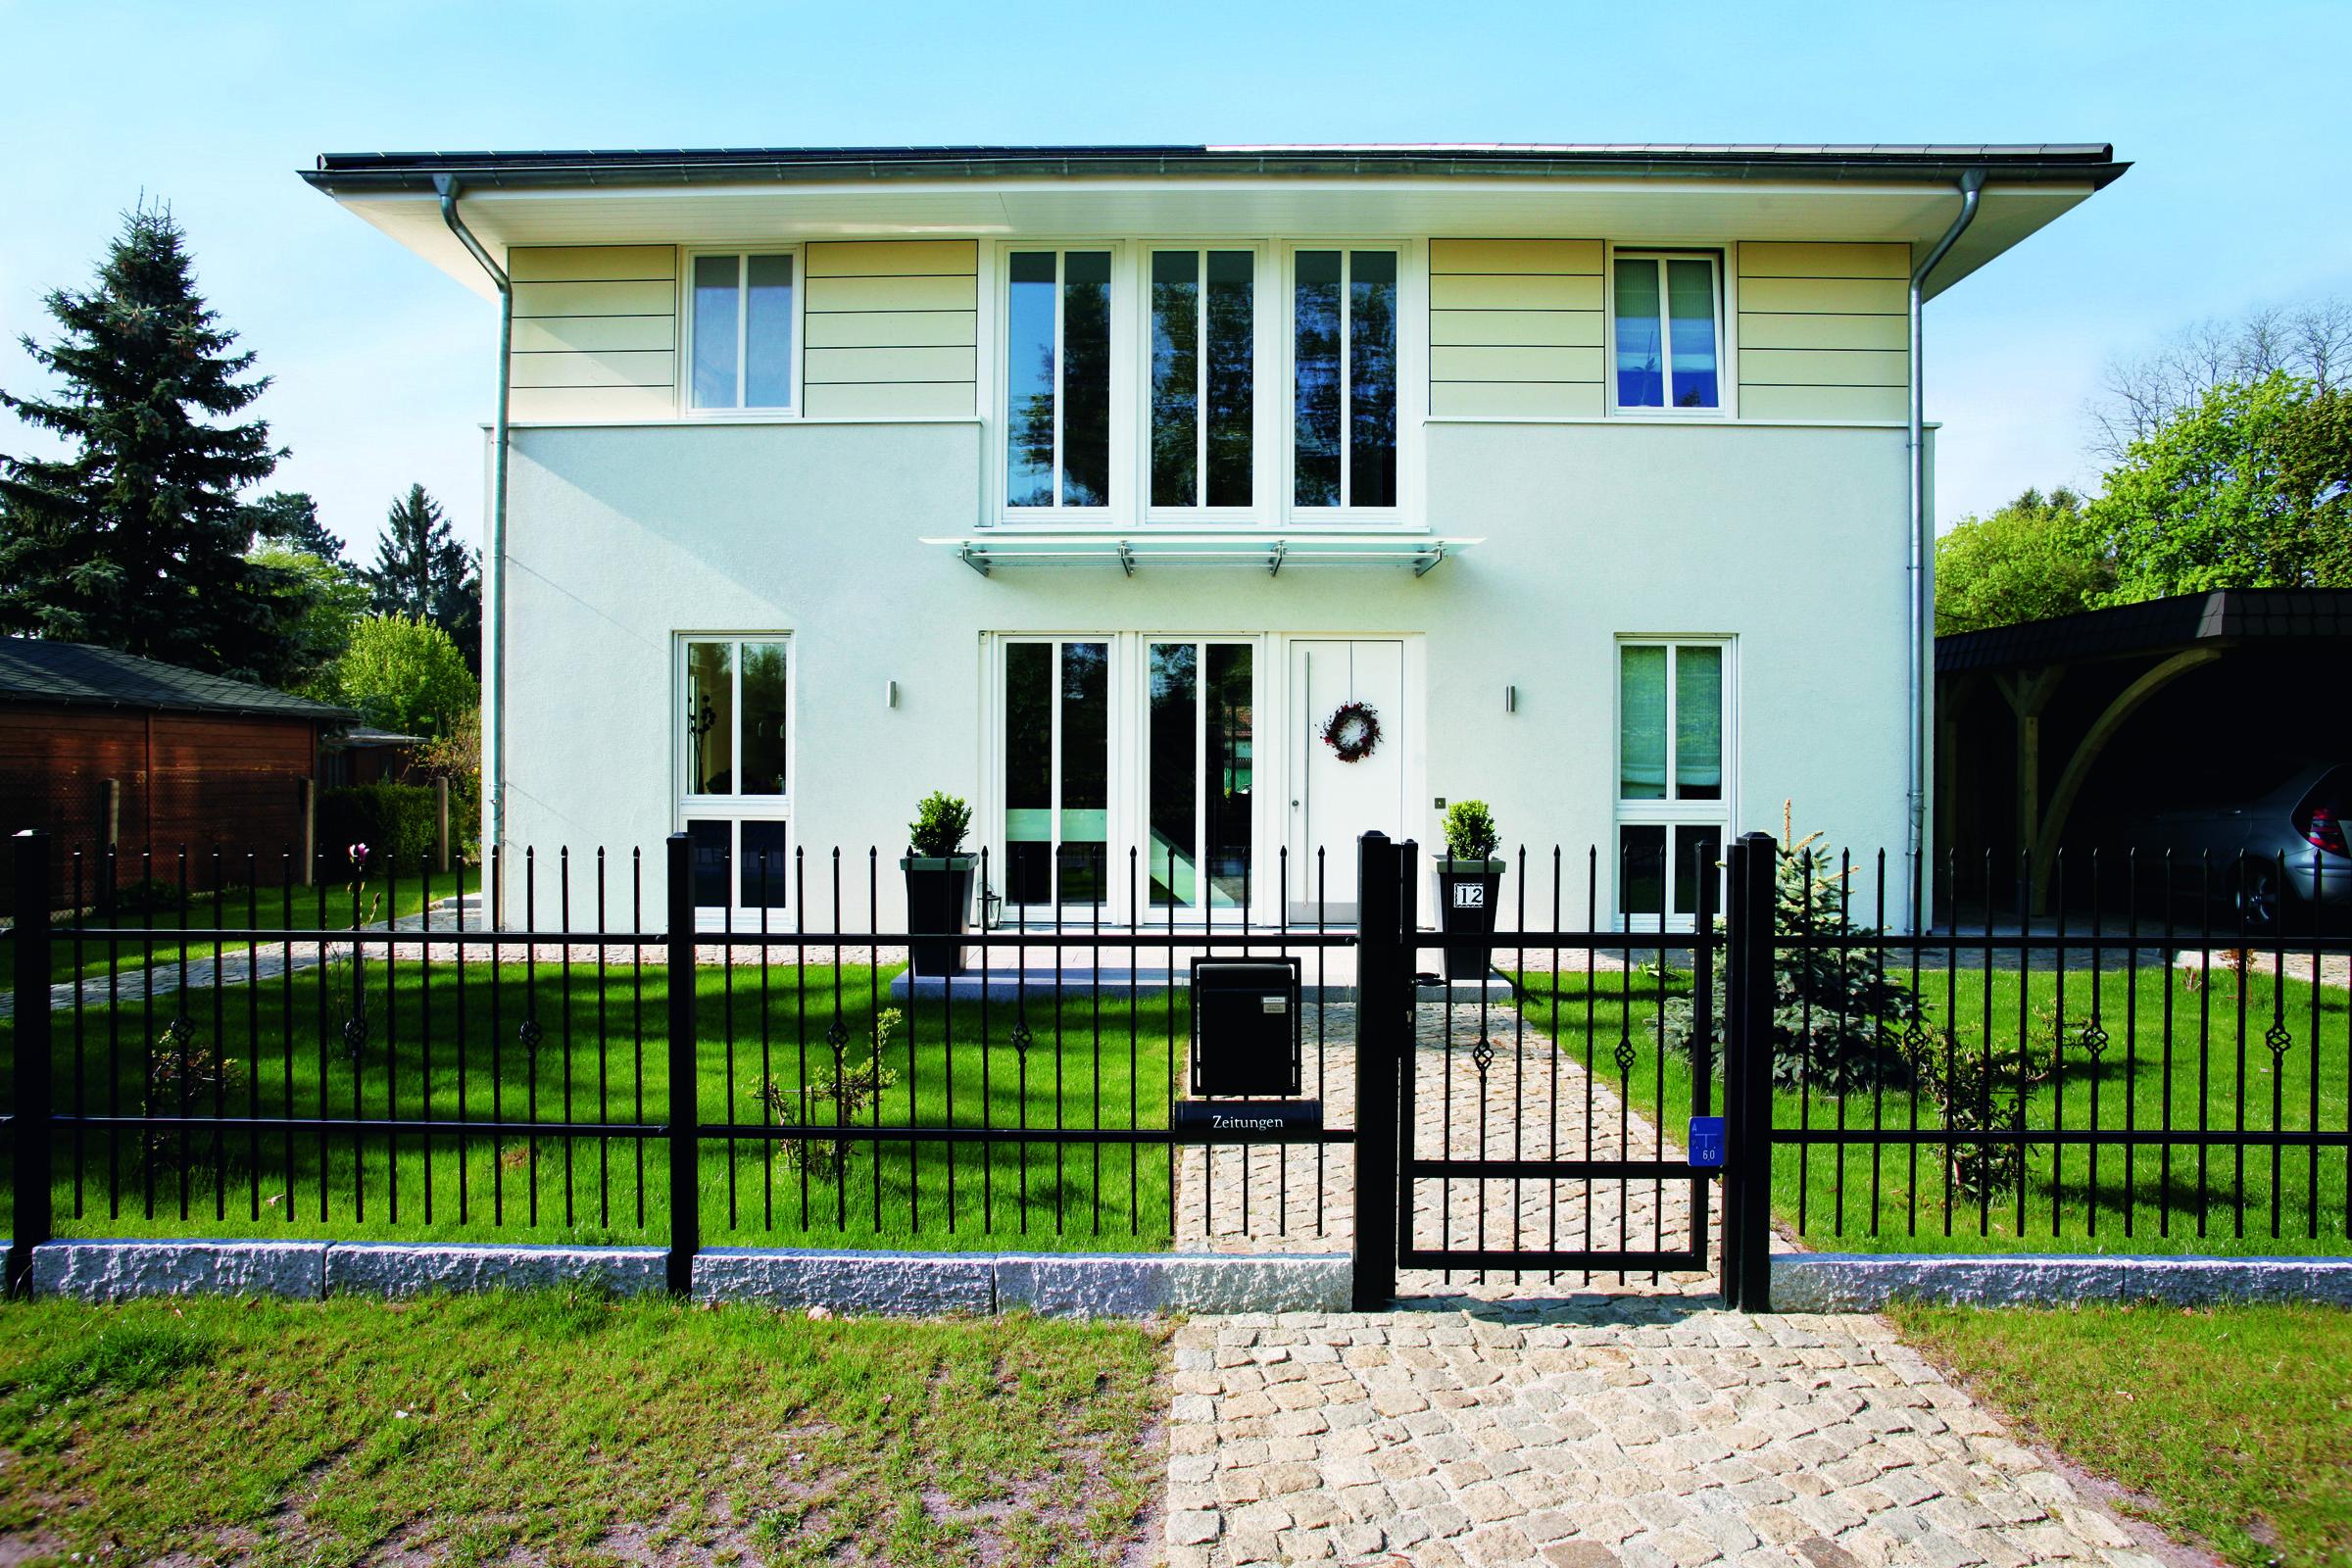 07 2013 haacke er ffnet neues musterhaus im unger park werder. Black Bedroom Furniture Sets. Home Design Ideas